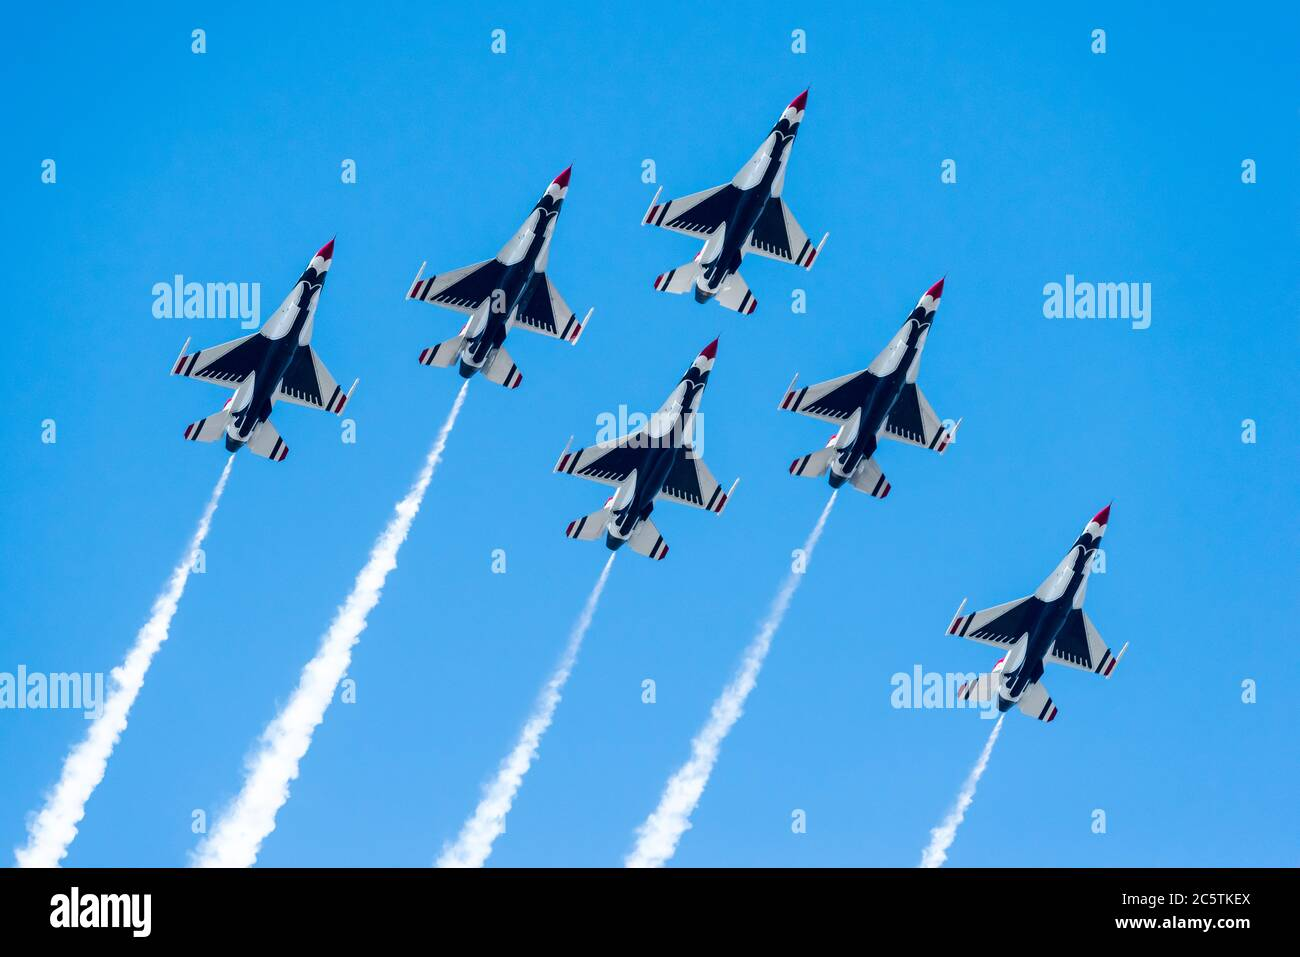 Boston, Massachusetts. 4 luglio 2020. USAF Thunderbirds che vola al volo DOD Salute verso America 2020. Foto Stock